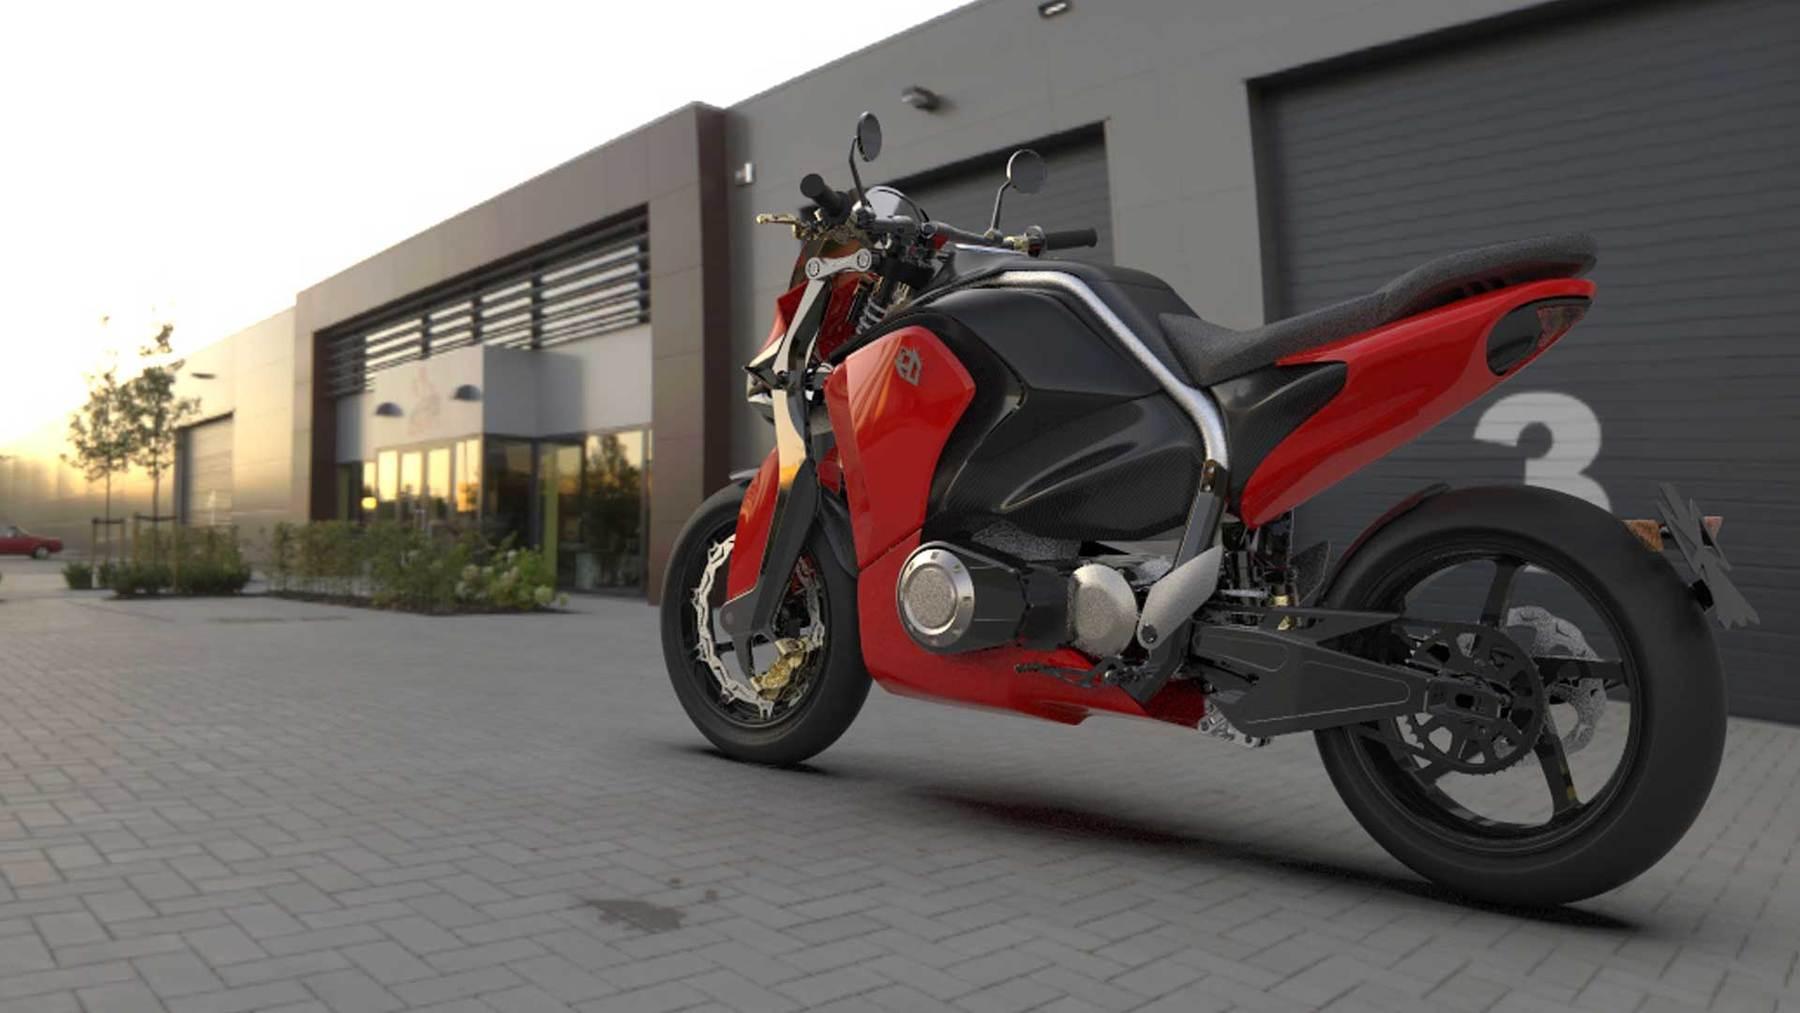 Fabricante de motocicletas Soriano Motori permitirá pagos en criptomonedas en todo el mundo para sus nuevos modelos eléctricos